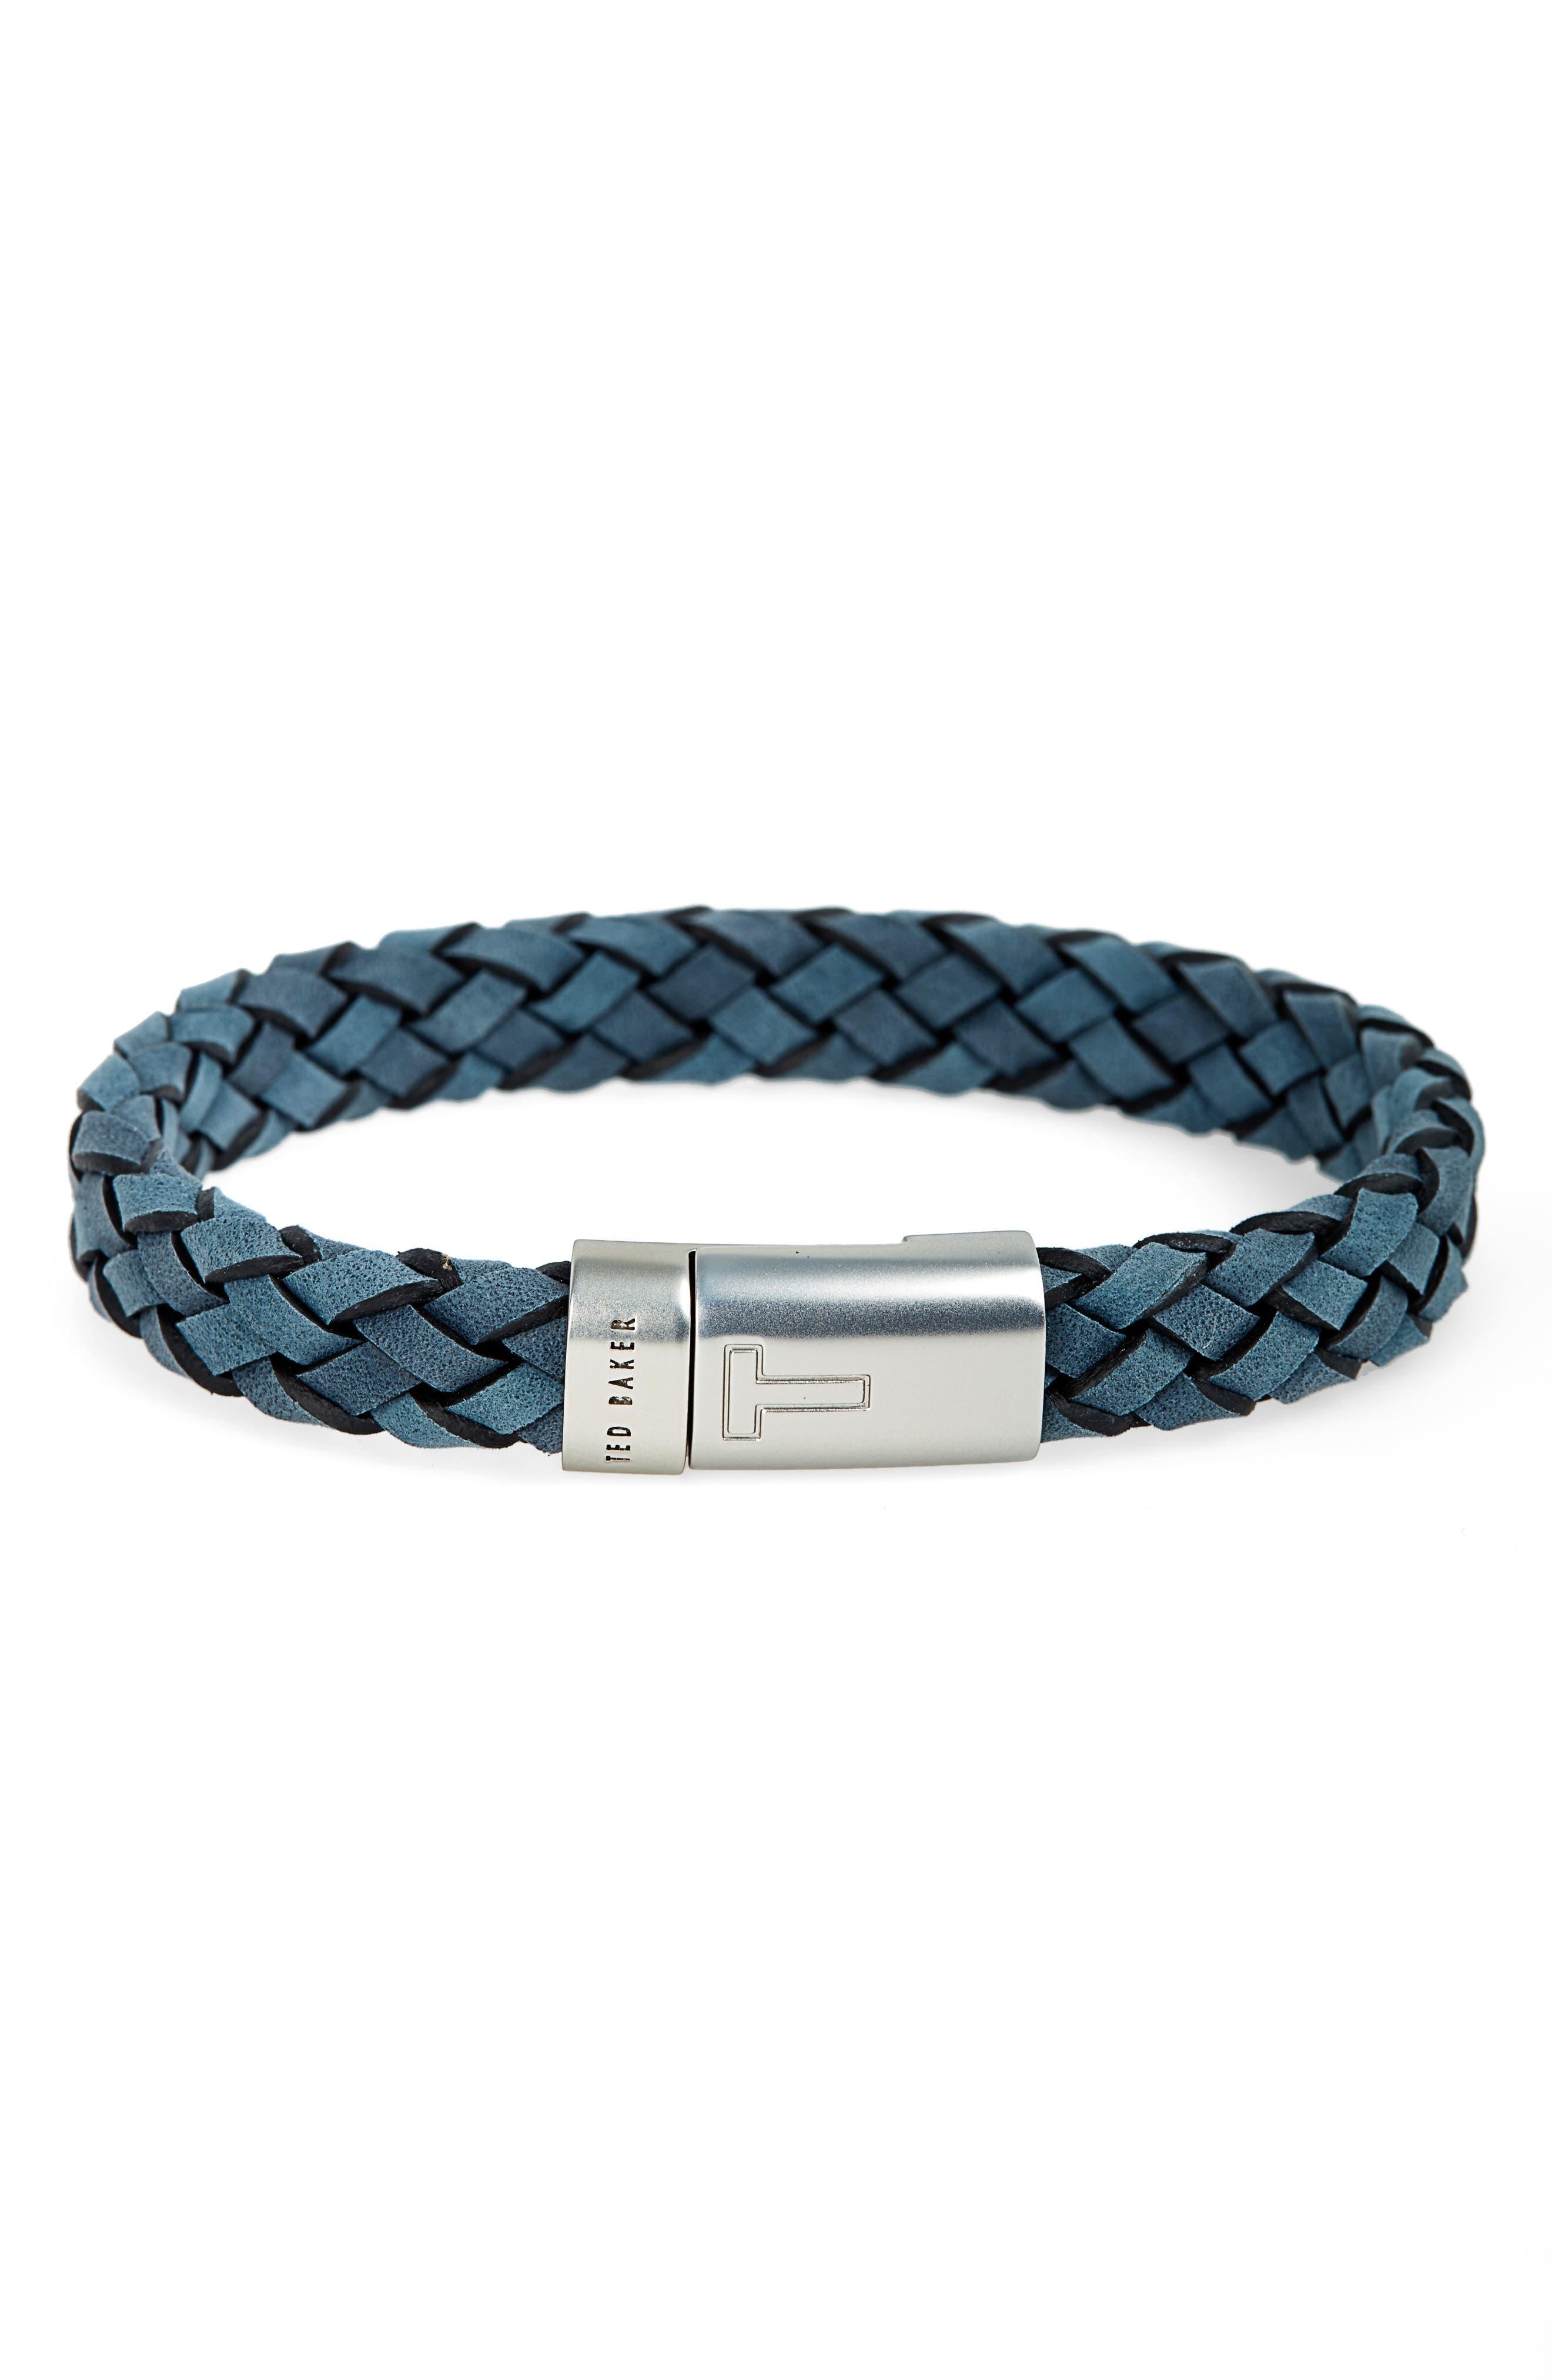 Runfast Woven Leather Bracelet,                             Main thumbnail 1, color,                             410